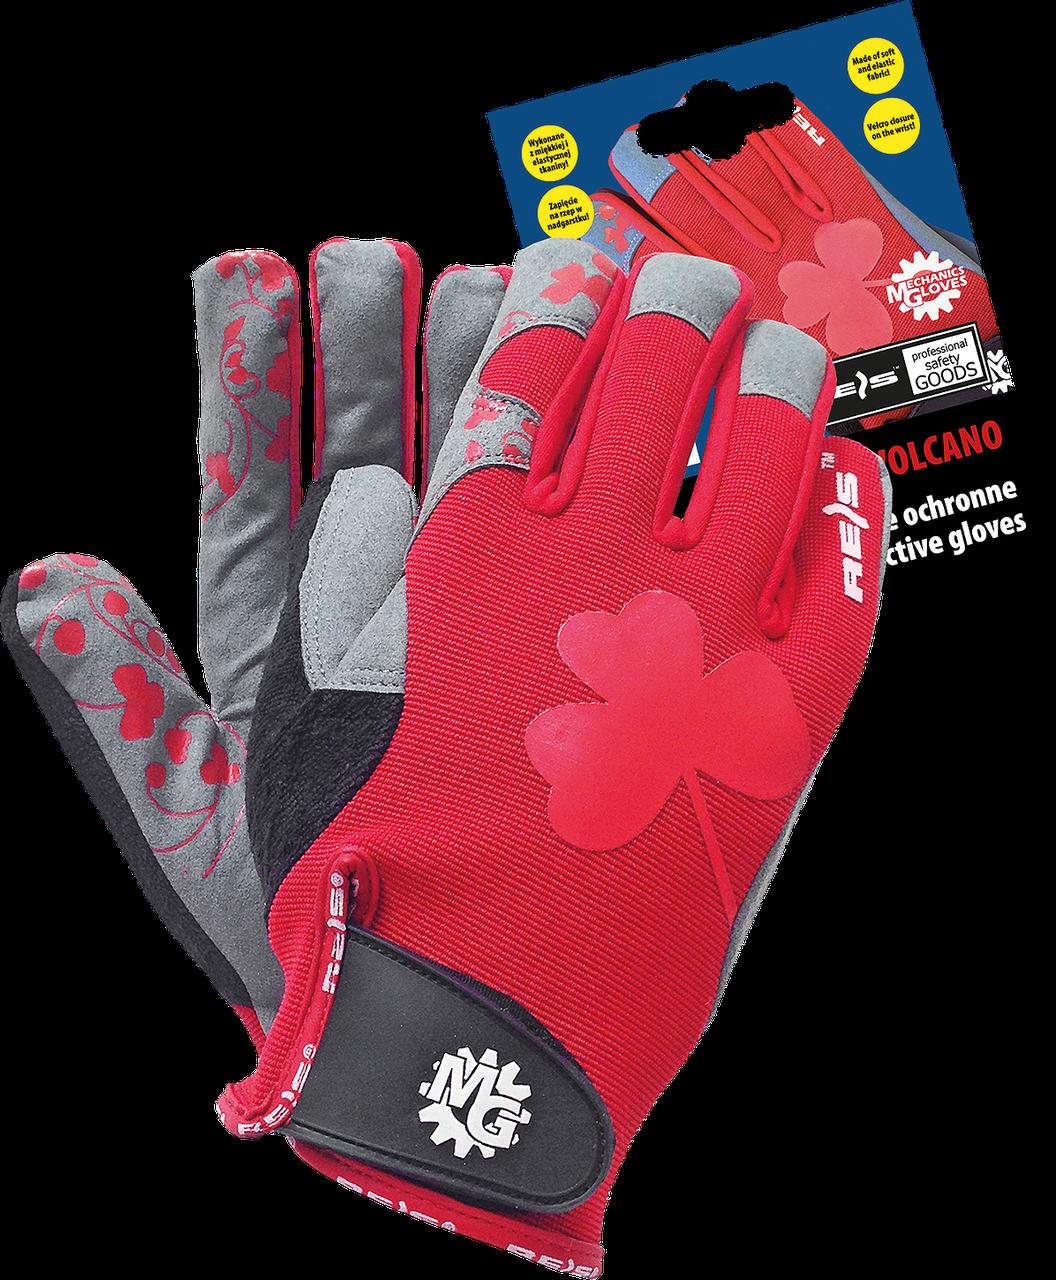 Перчатки RVOLCANO CSB спортивные женские Reis Польша